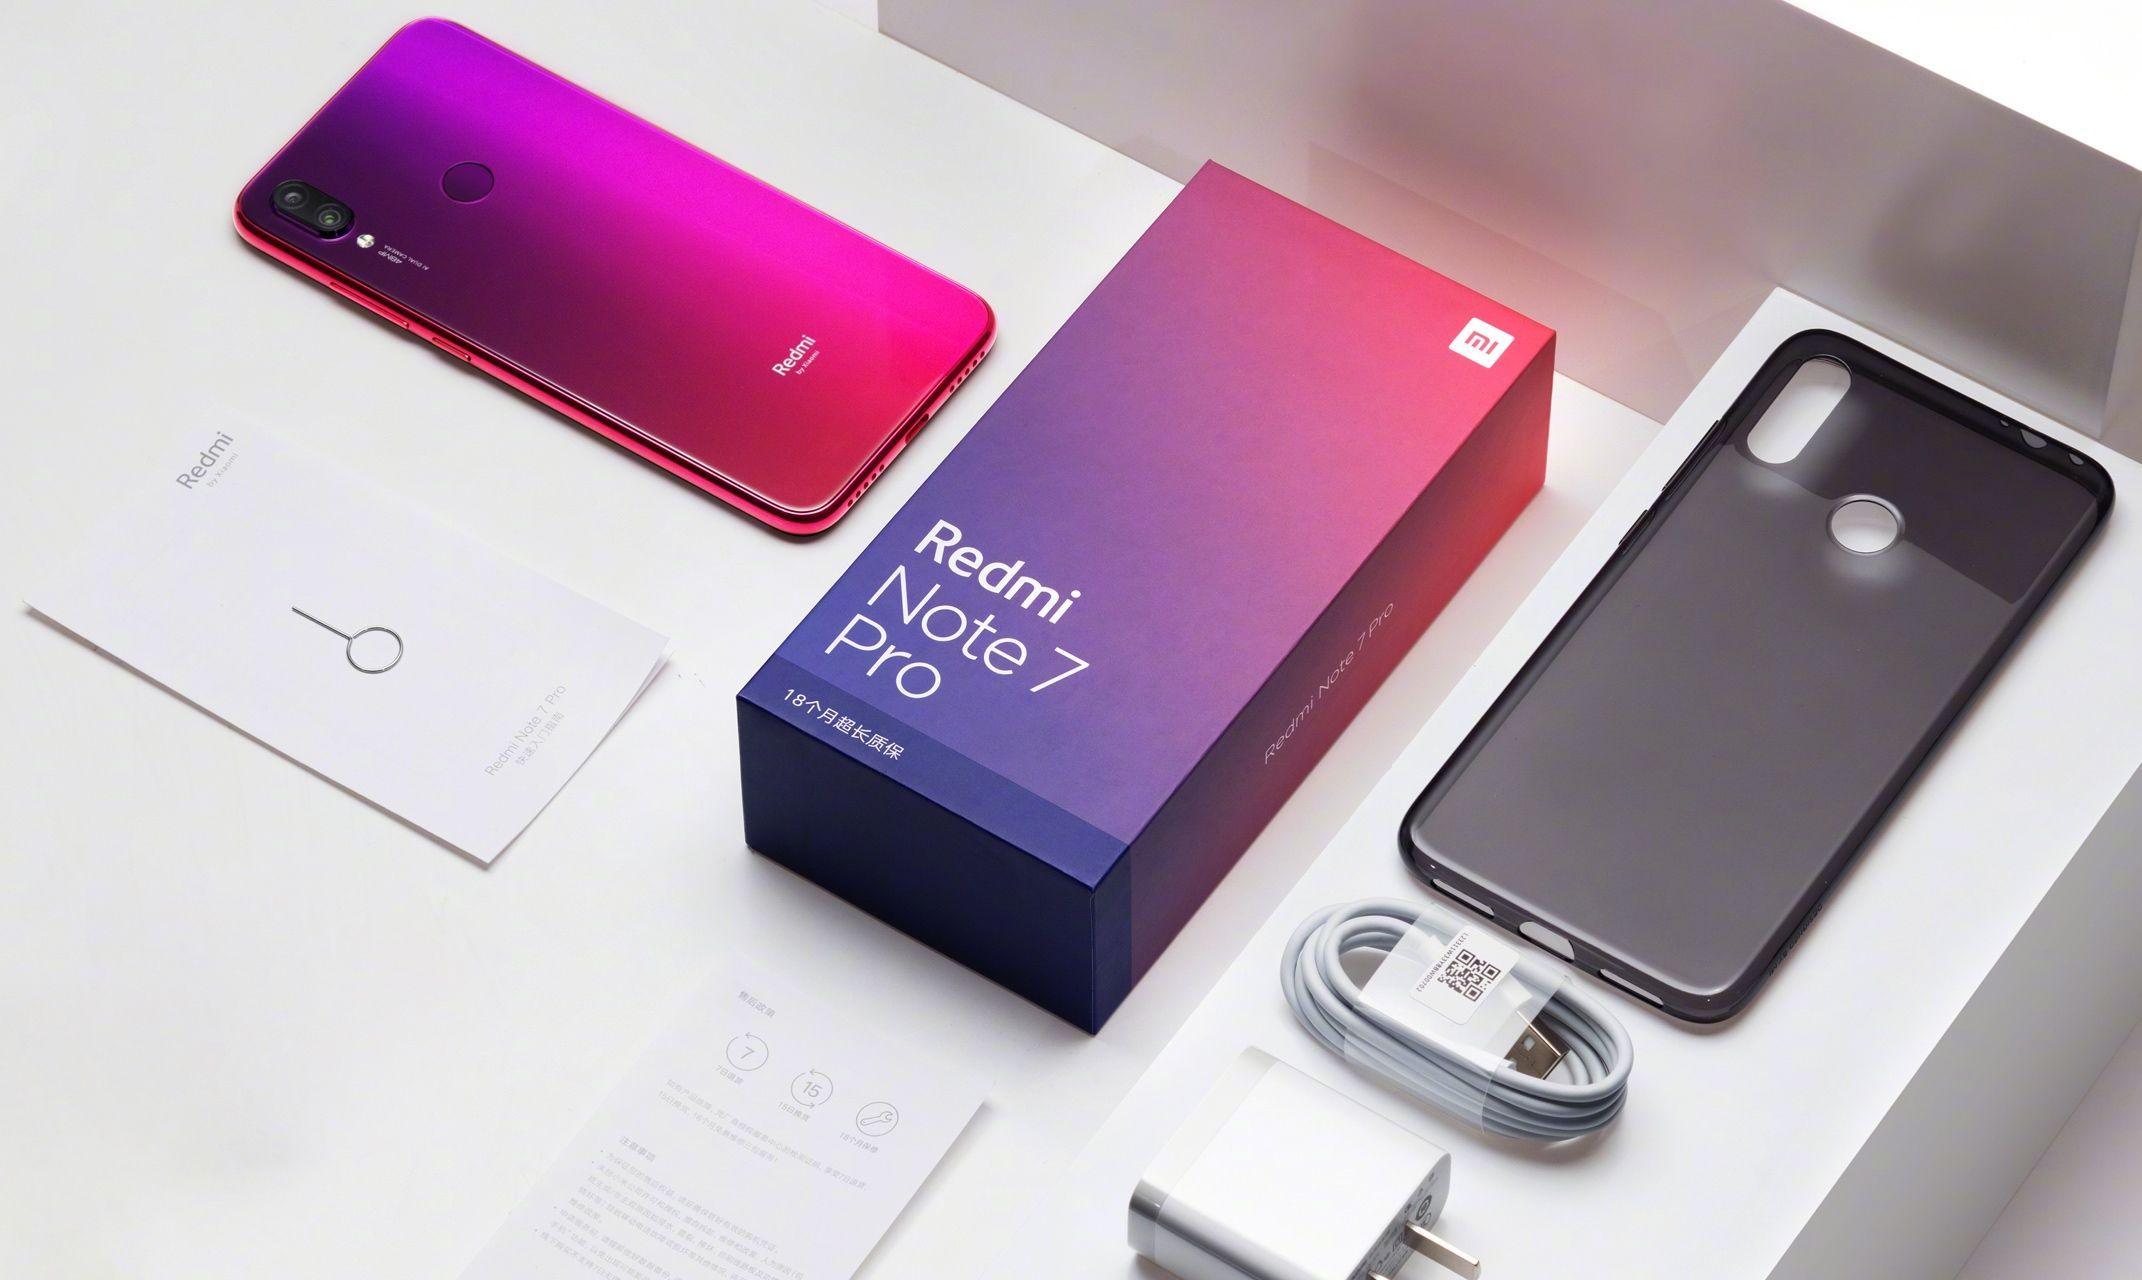 紅米的 Redmi Note 7 Pro 和 Redmi 7 聯袂登場 Xiaomi Premium Smartphone Smartphone